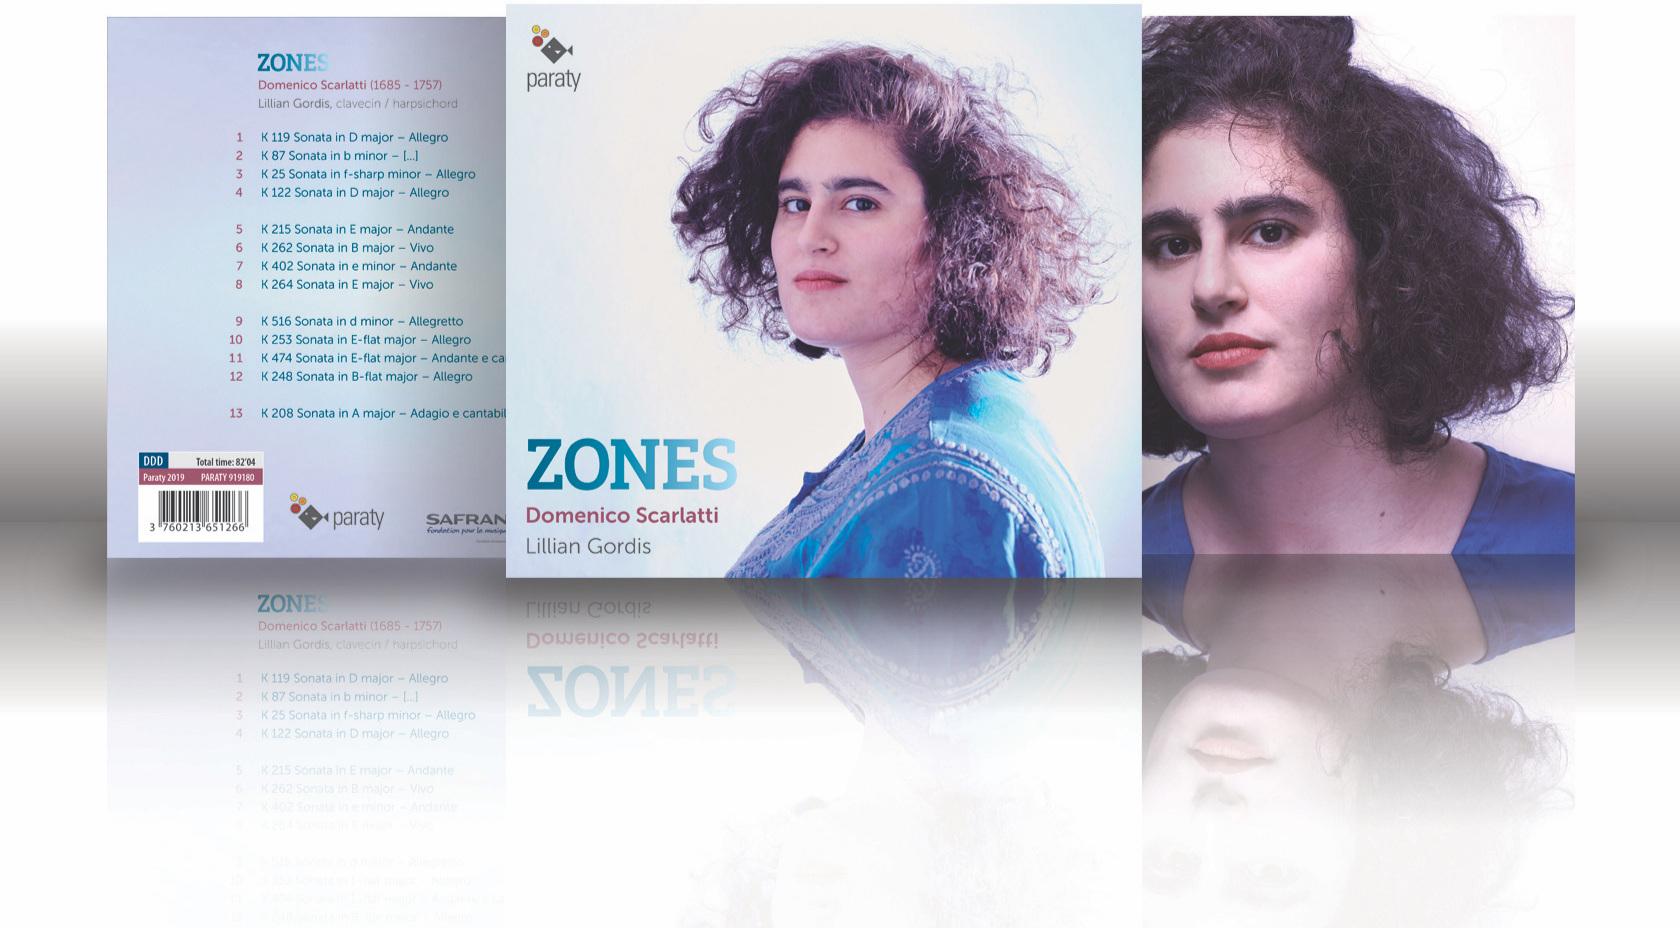 Zones triptych